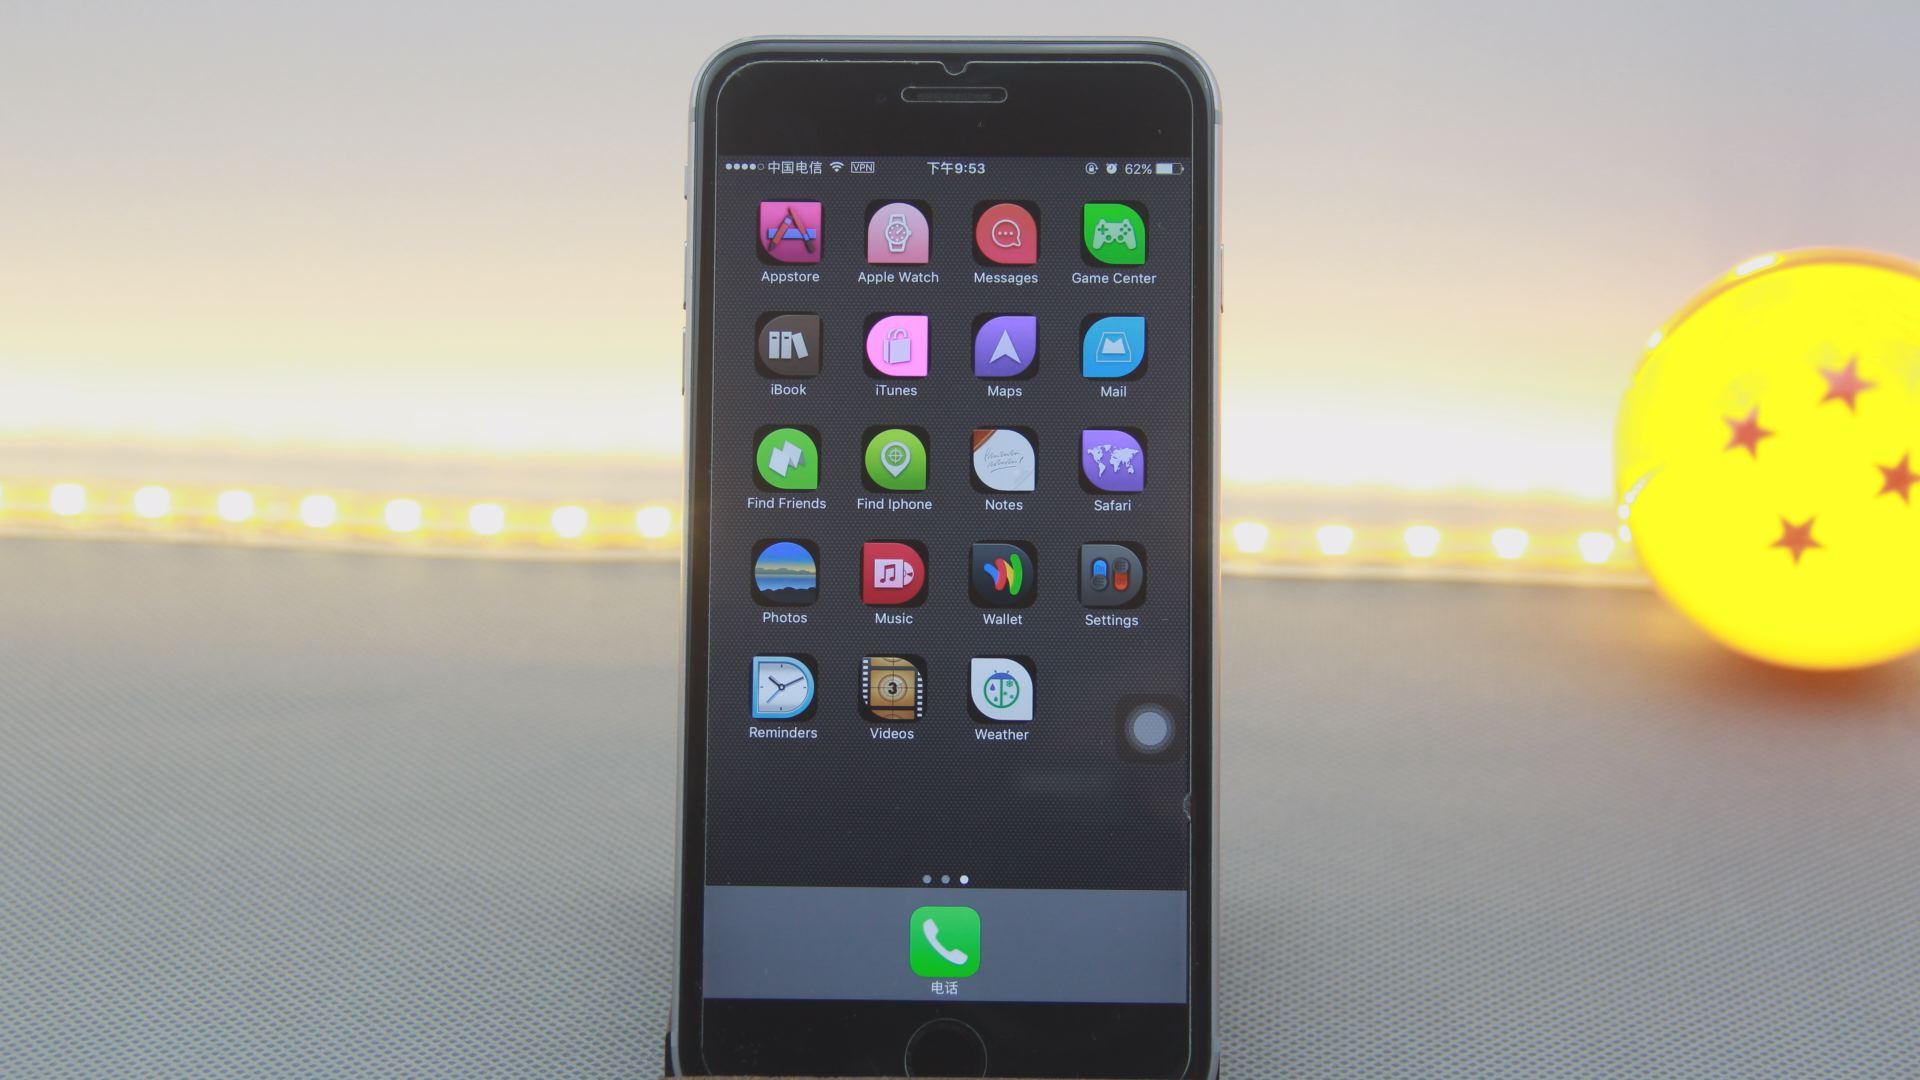 无需越狱,iPhone也能随意更换主题,再也不用羡慕安卓了